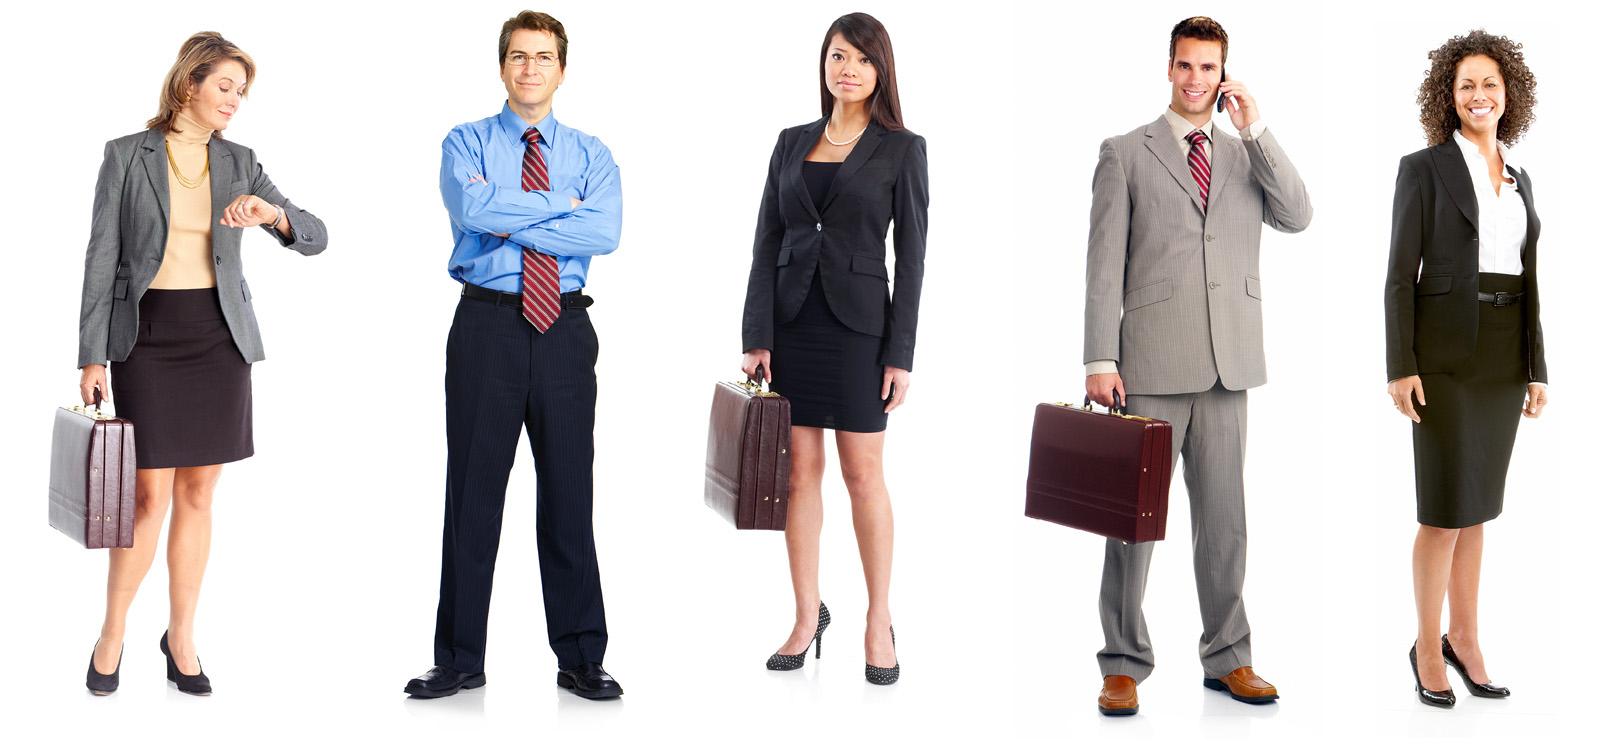 ¿ Cómo distinguir las capacidades de los empleados de tu empresa ? Entrevistas laborales